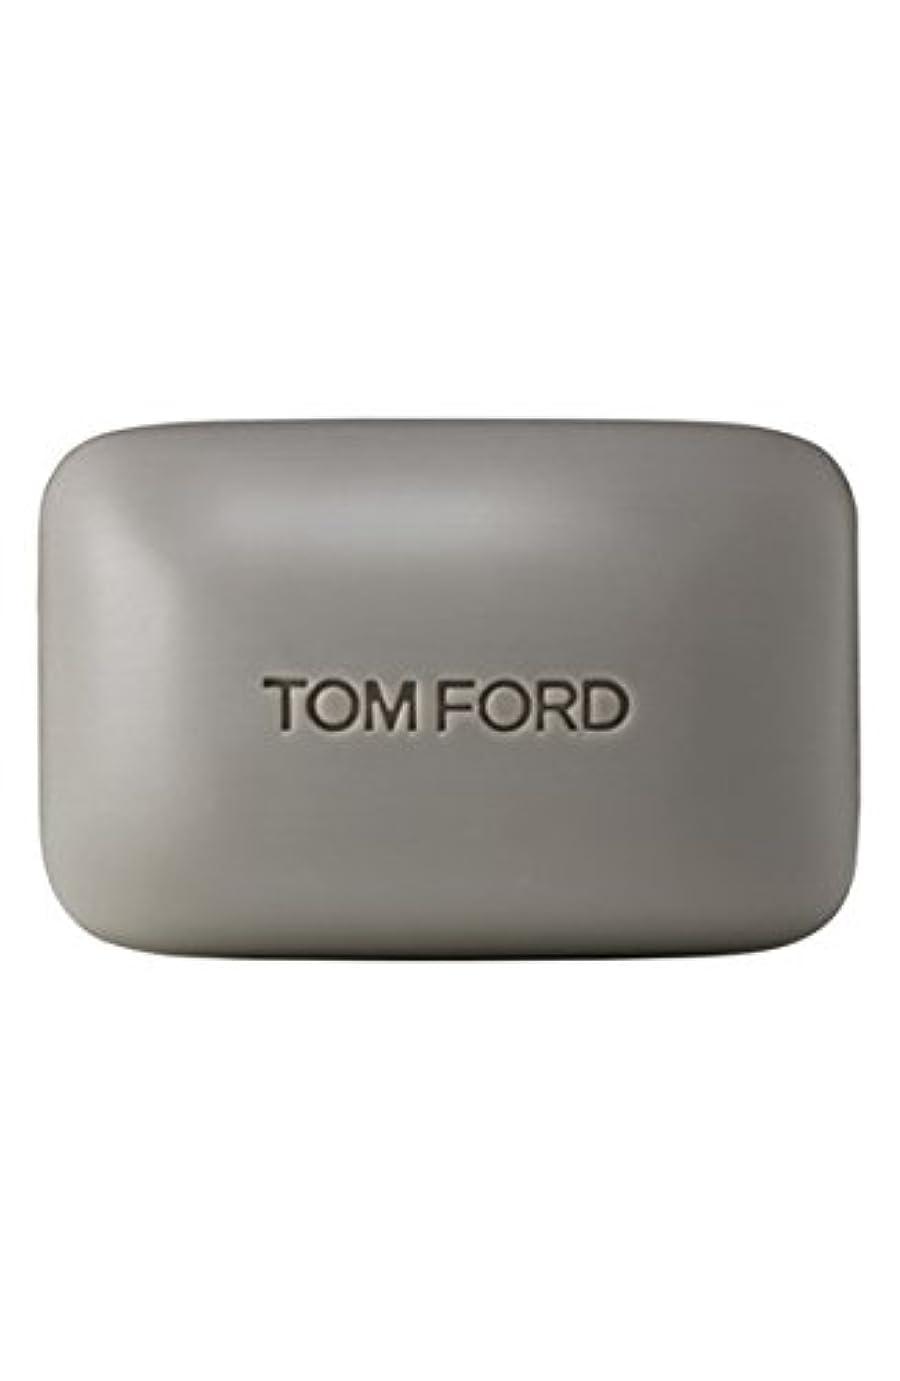 インチ年次参照Tom Ford Private Blend 'Oud Wood' (トムフォード プライベートブレンド オードウッド) 5.5 oz (165ml) Bar Soap (固形石鹸)